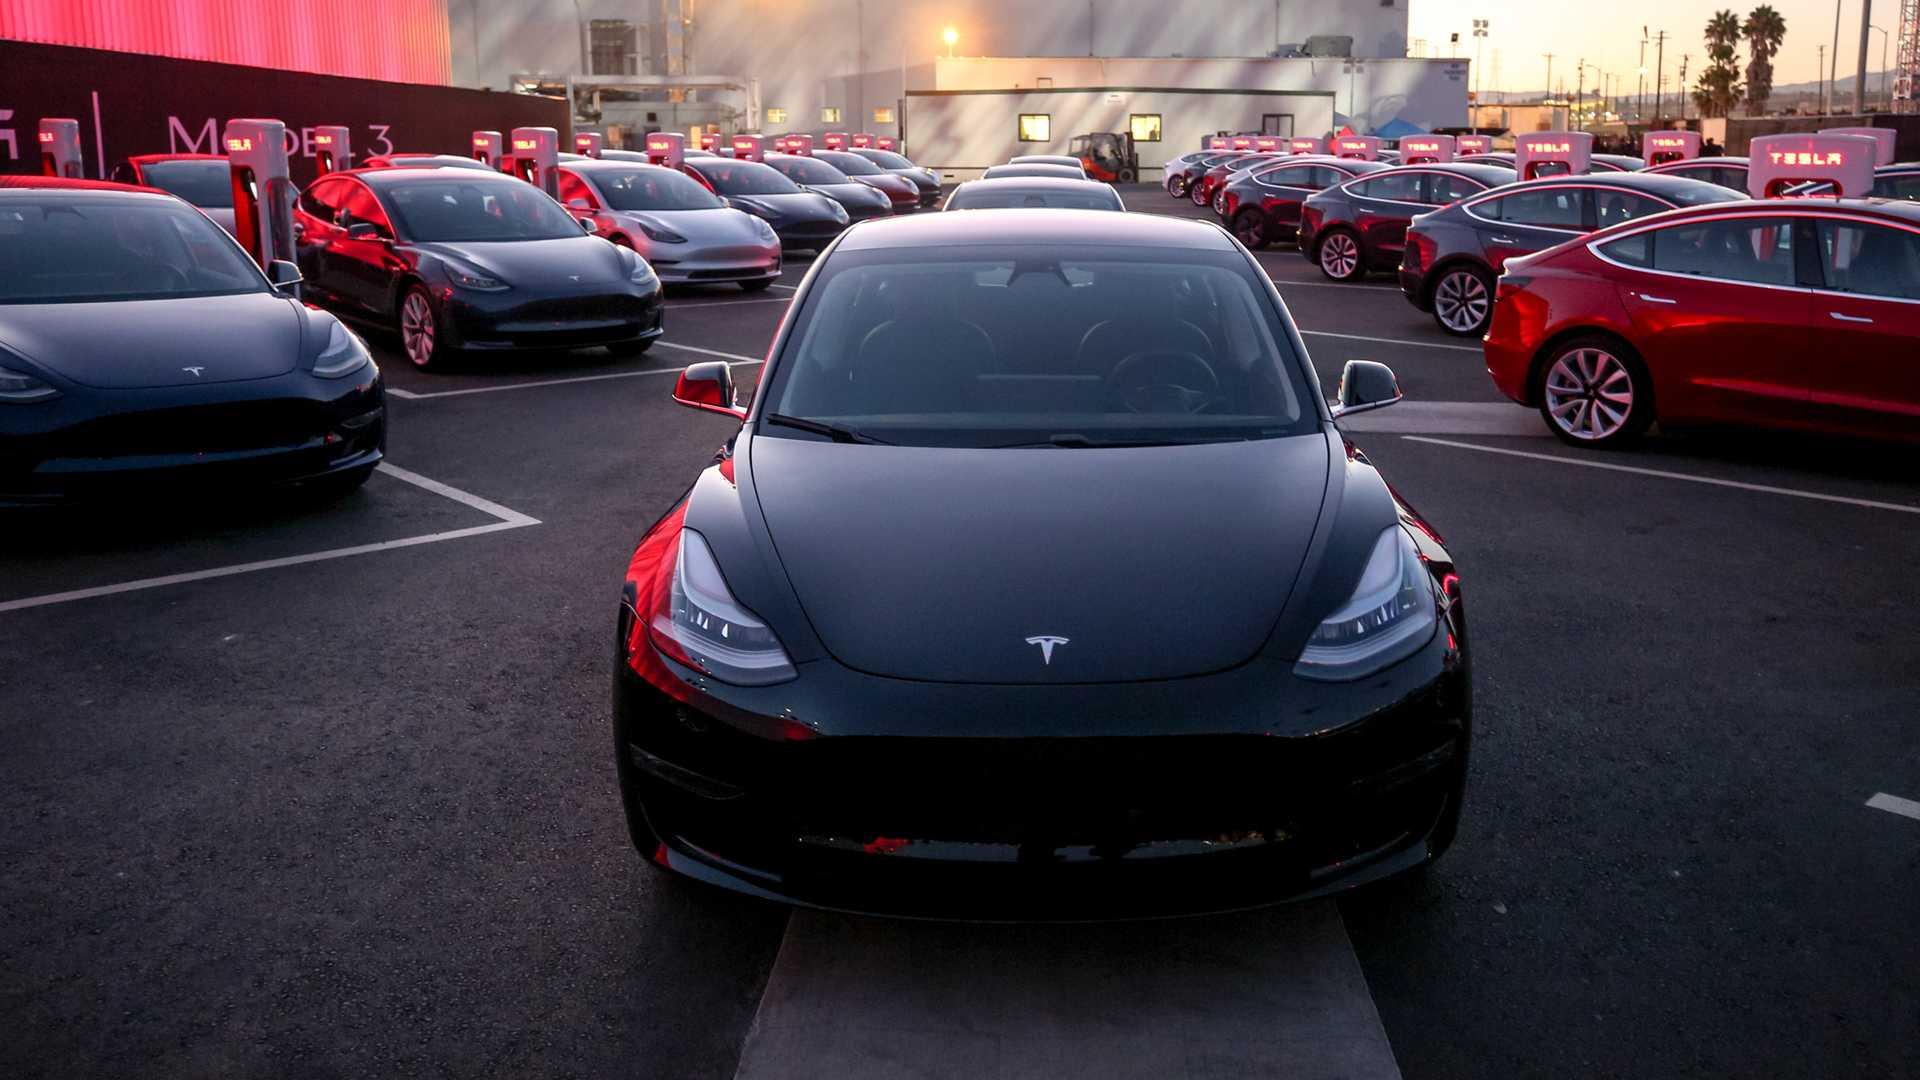 В разгар успеха Tesla, покупатели автомобилей по-прежнему не верят в электромобили